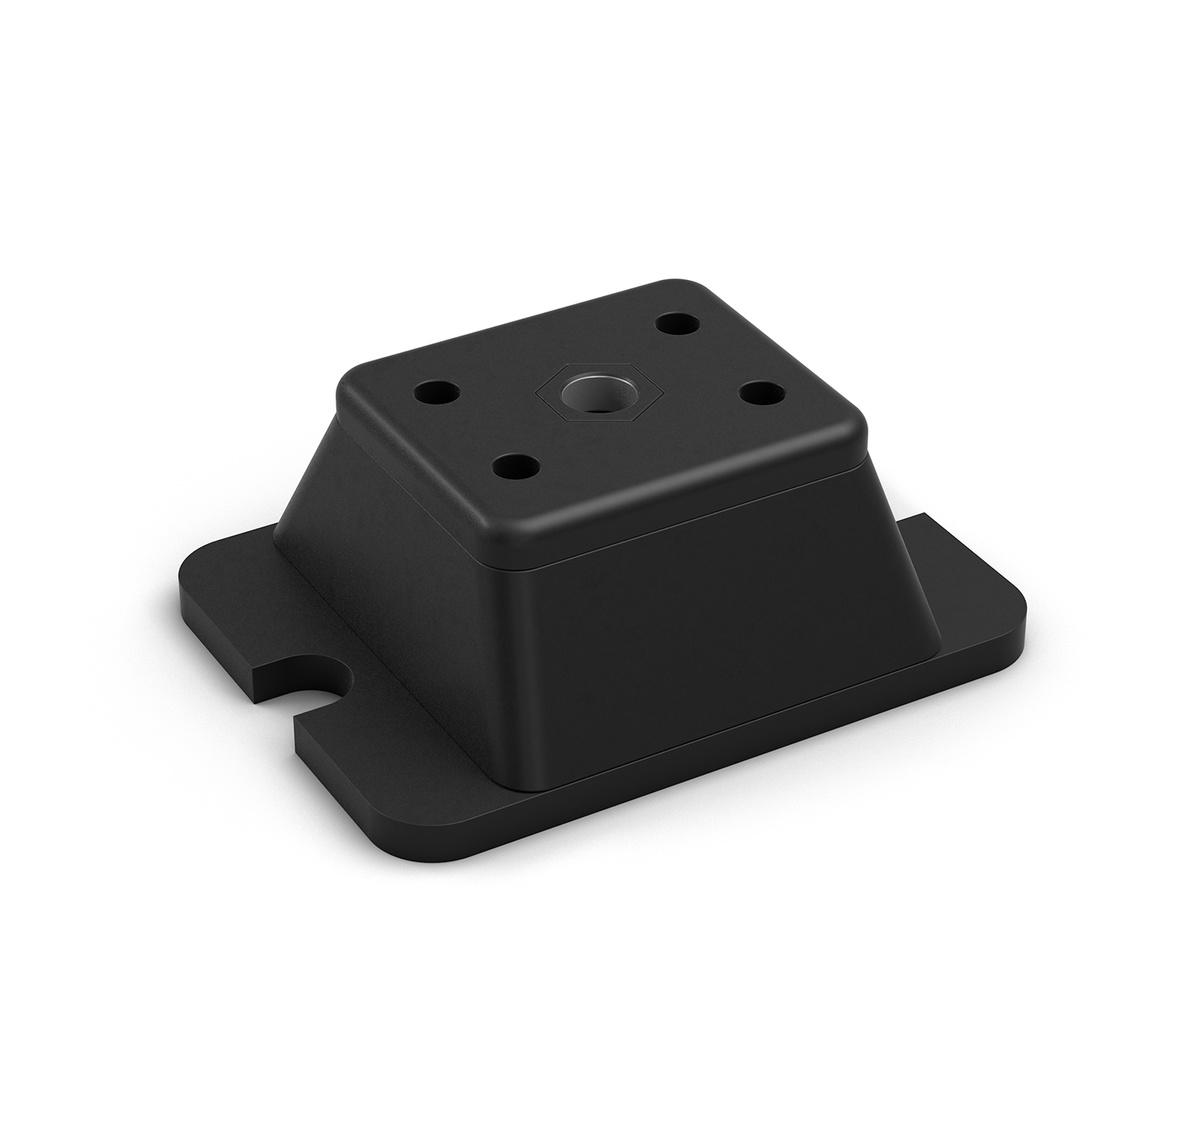 ACE Controls Inc. - Image - COM-5256